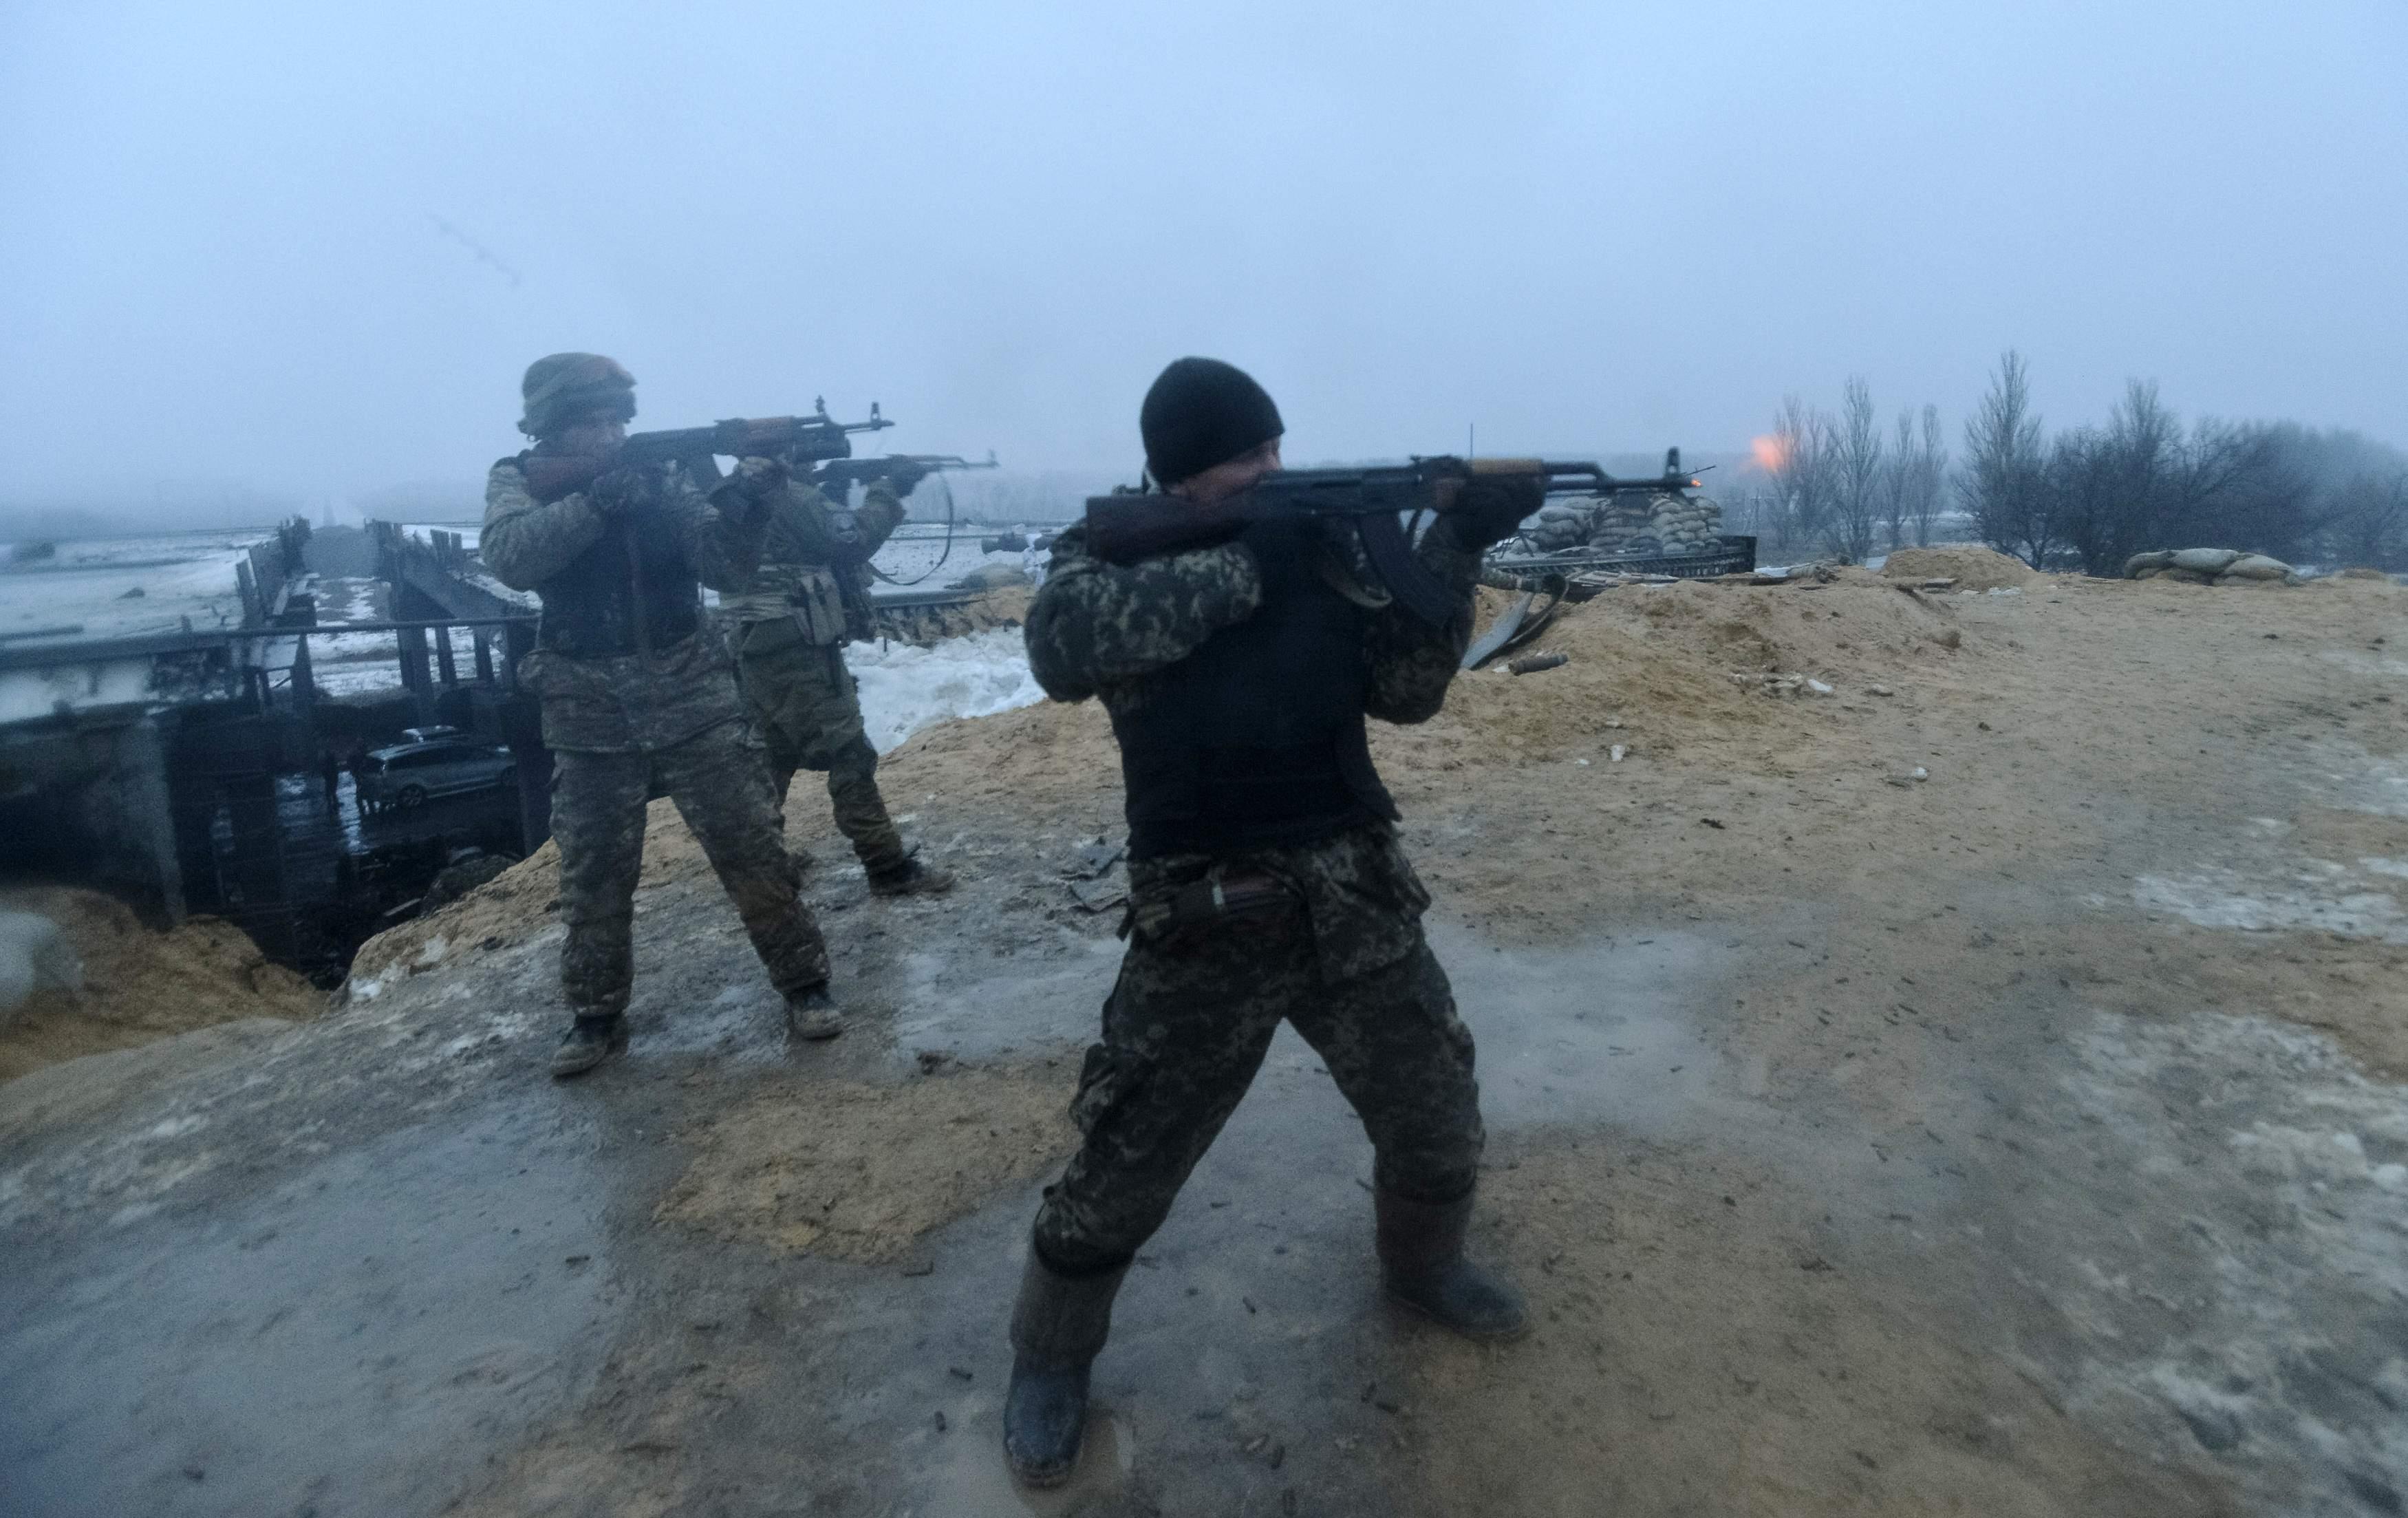 Под Мариуполем боевики пошли в наступление, но силы АТО огнем остановили их. Был бой!